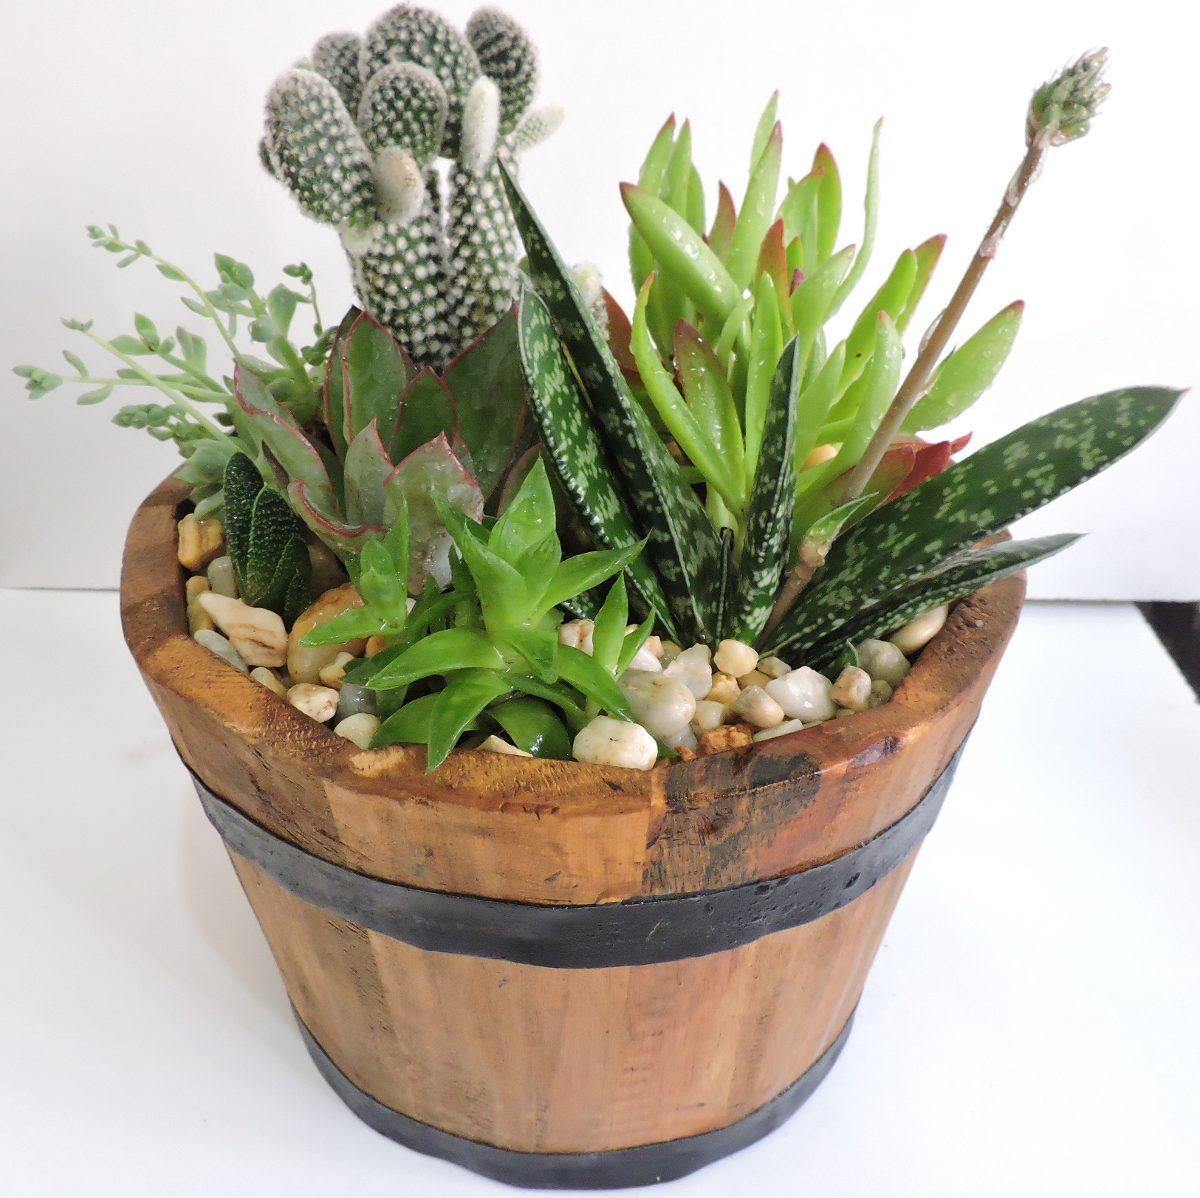 Centro de mesa con plantas crasas car interior design for Plantas crasas interior